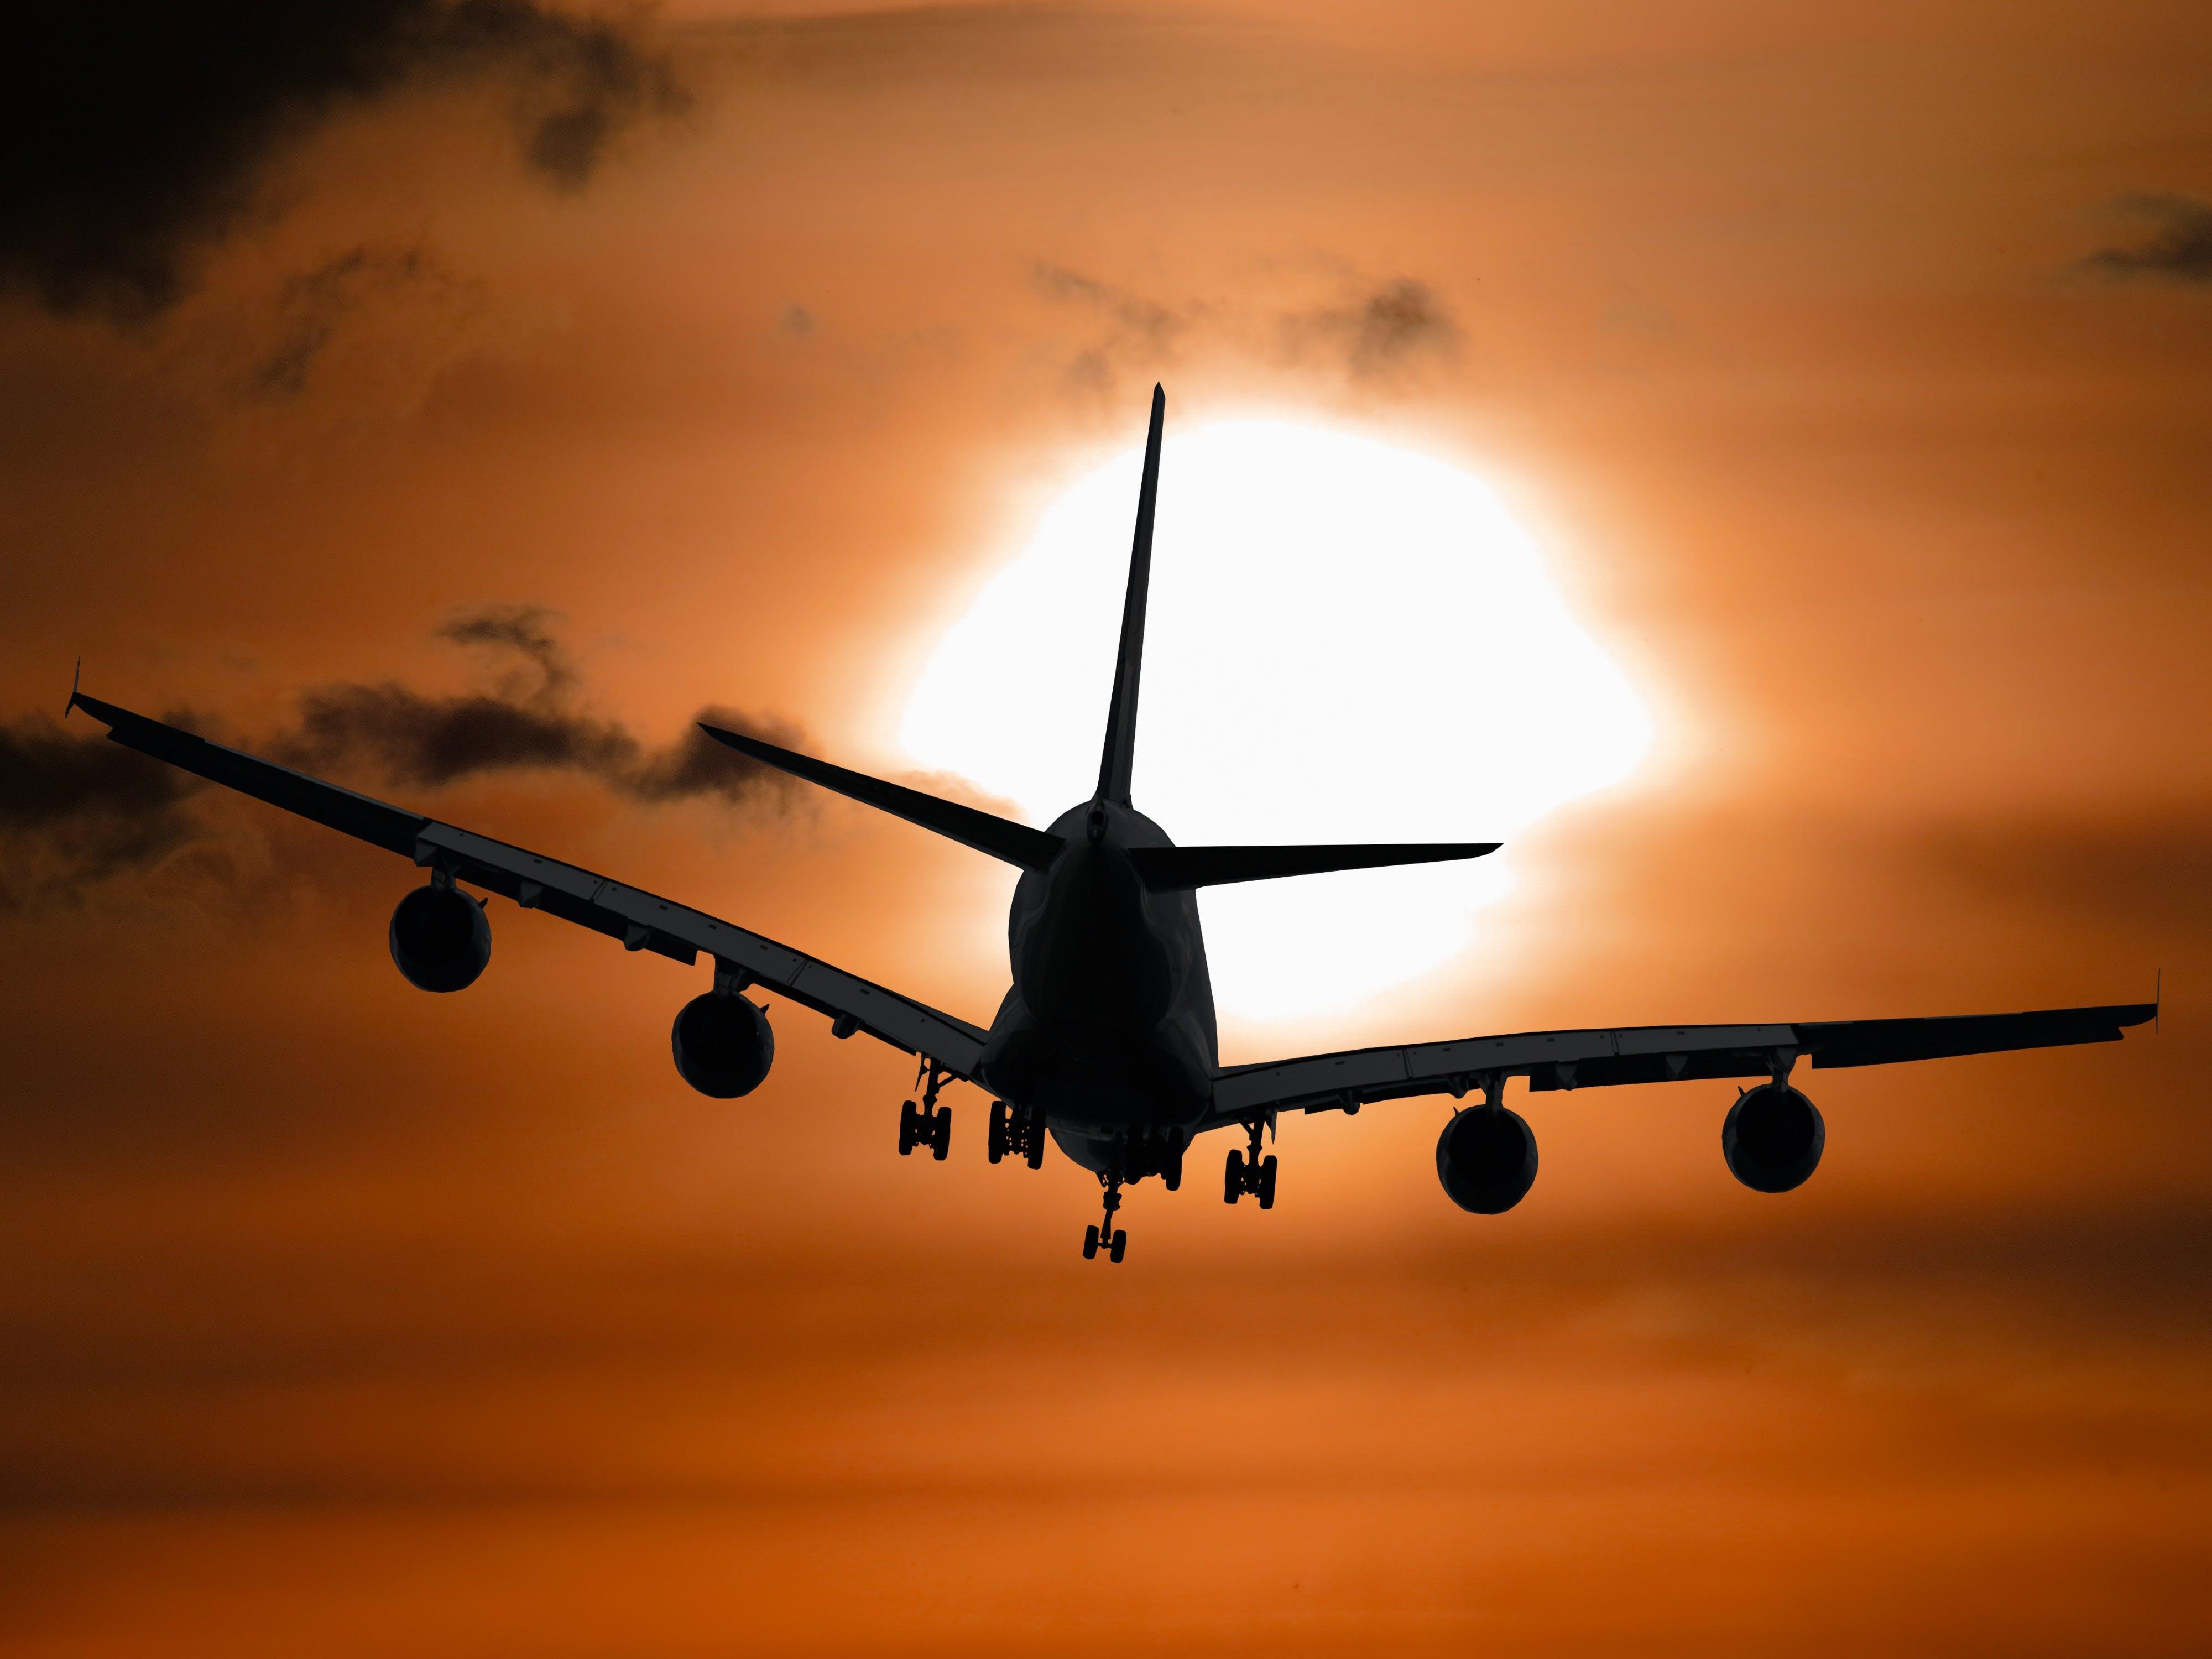 비행, 비행기, 새벽, 일몰의 무료 스톡 사진